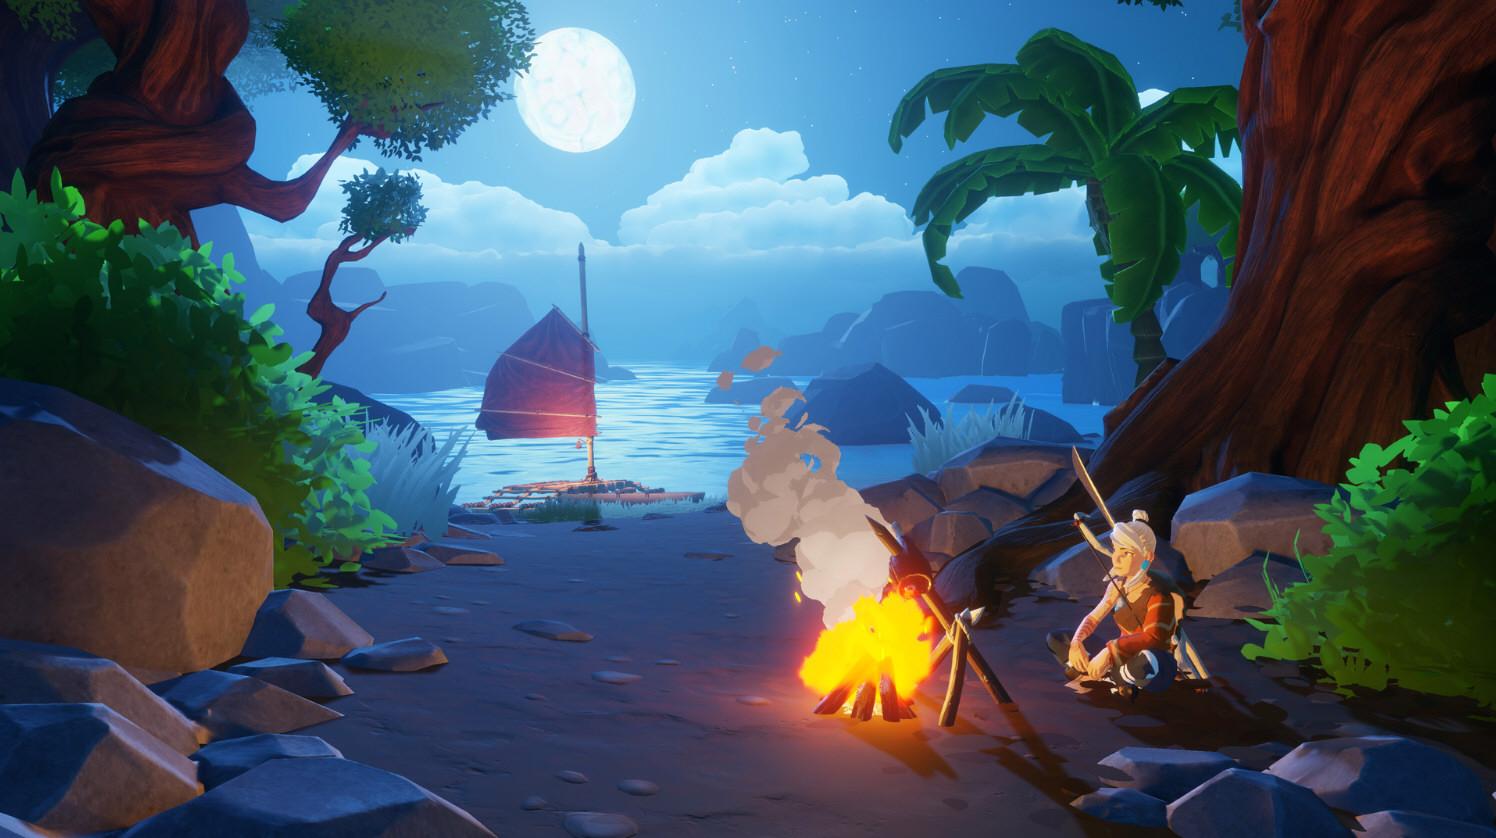 《Windbound》游戏截图4